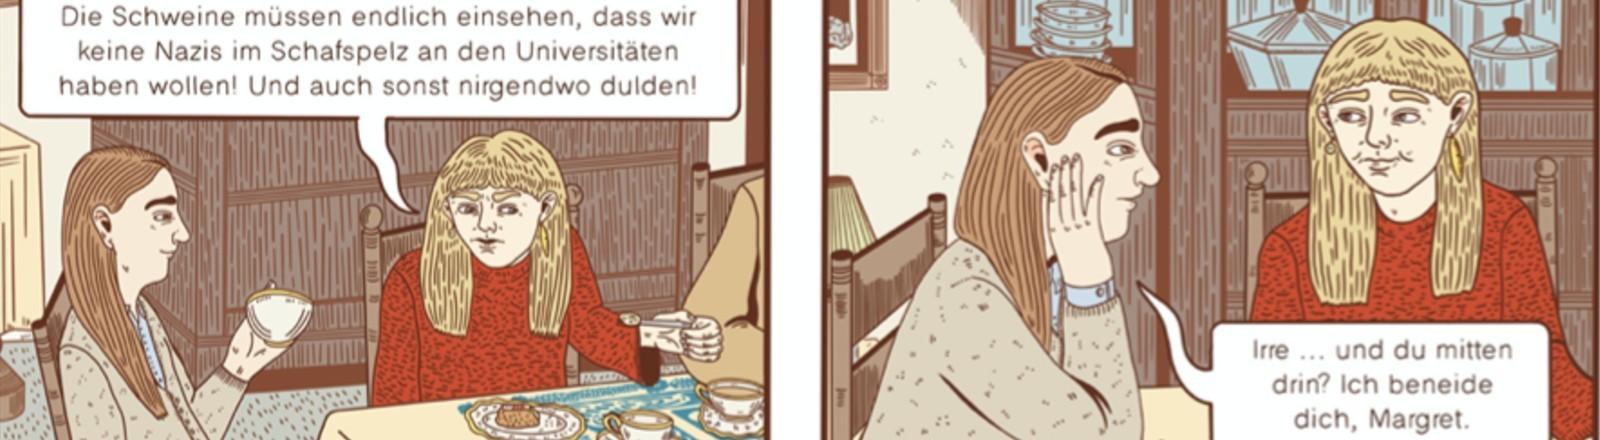 """Screenshot von einer Leseprobe des Comics """"Gegen mein Gewissen""""."""